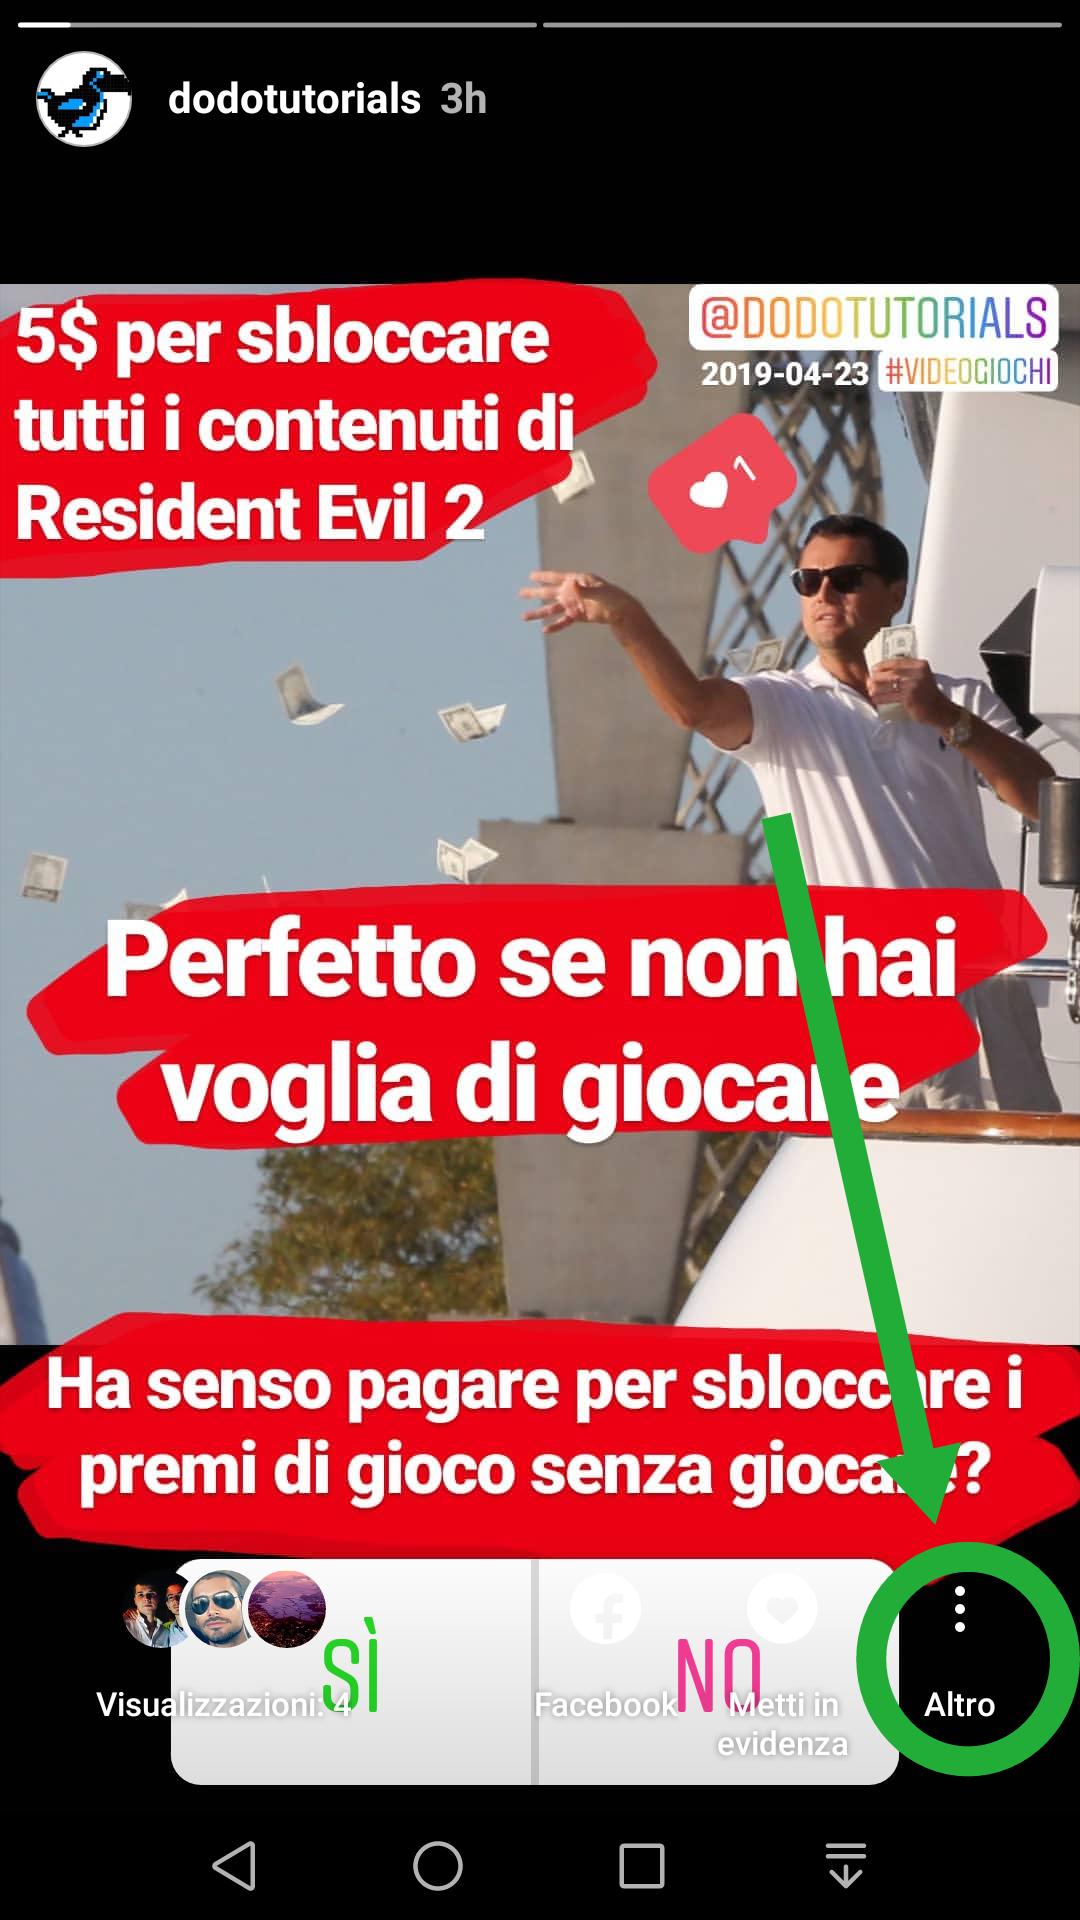 03accesso_opzioni_instagram